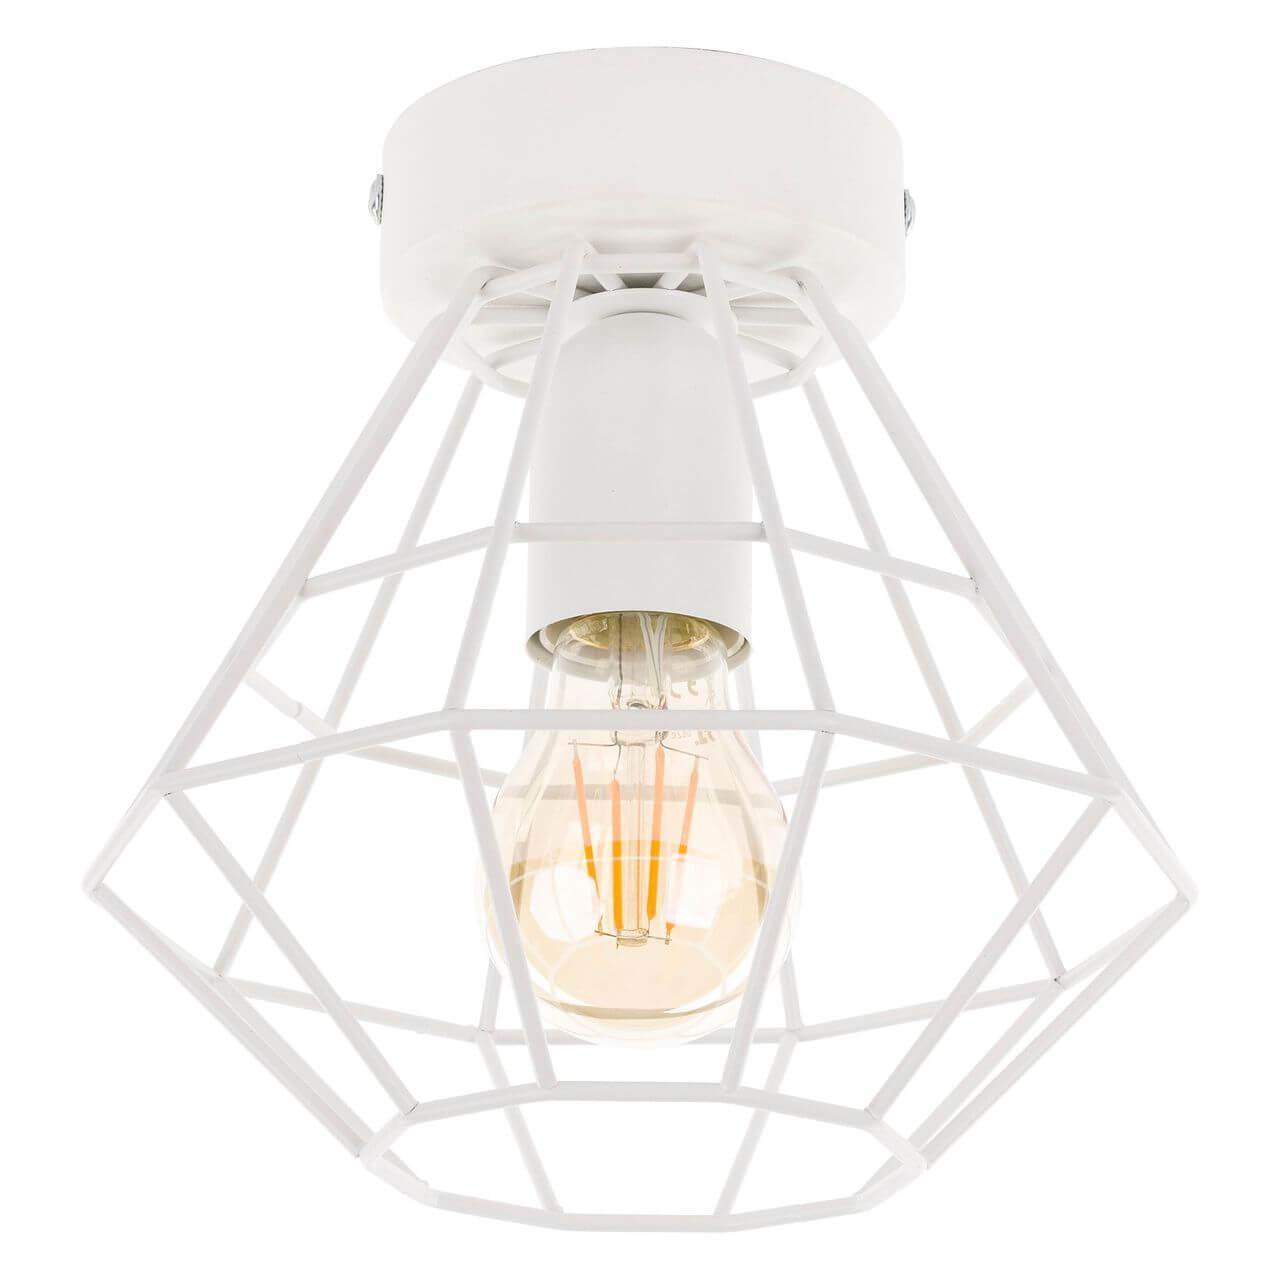 Потолочный светильник TK Lighting 2292 Diamond светильник потолочный vision lighting